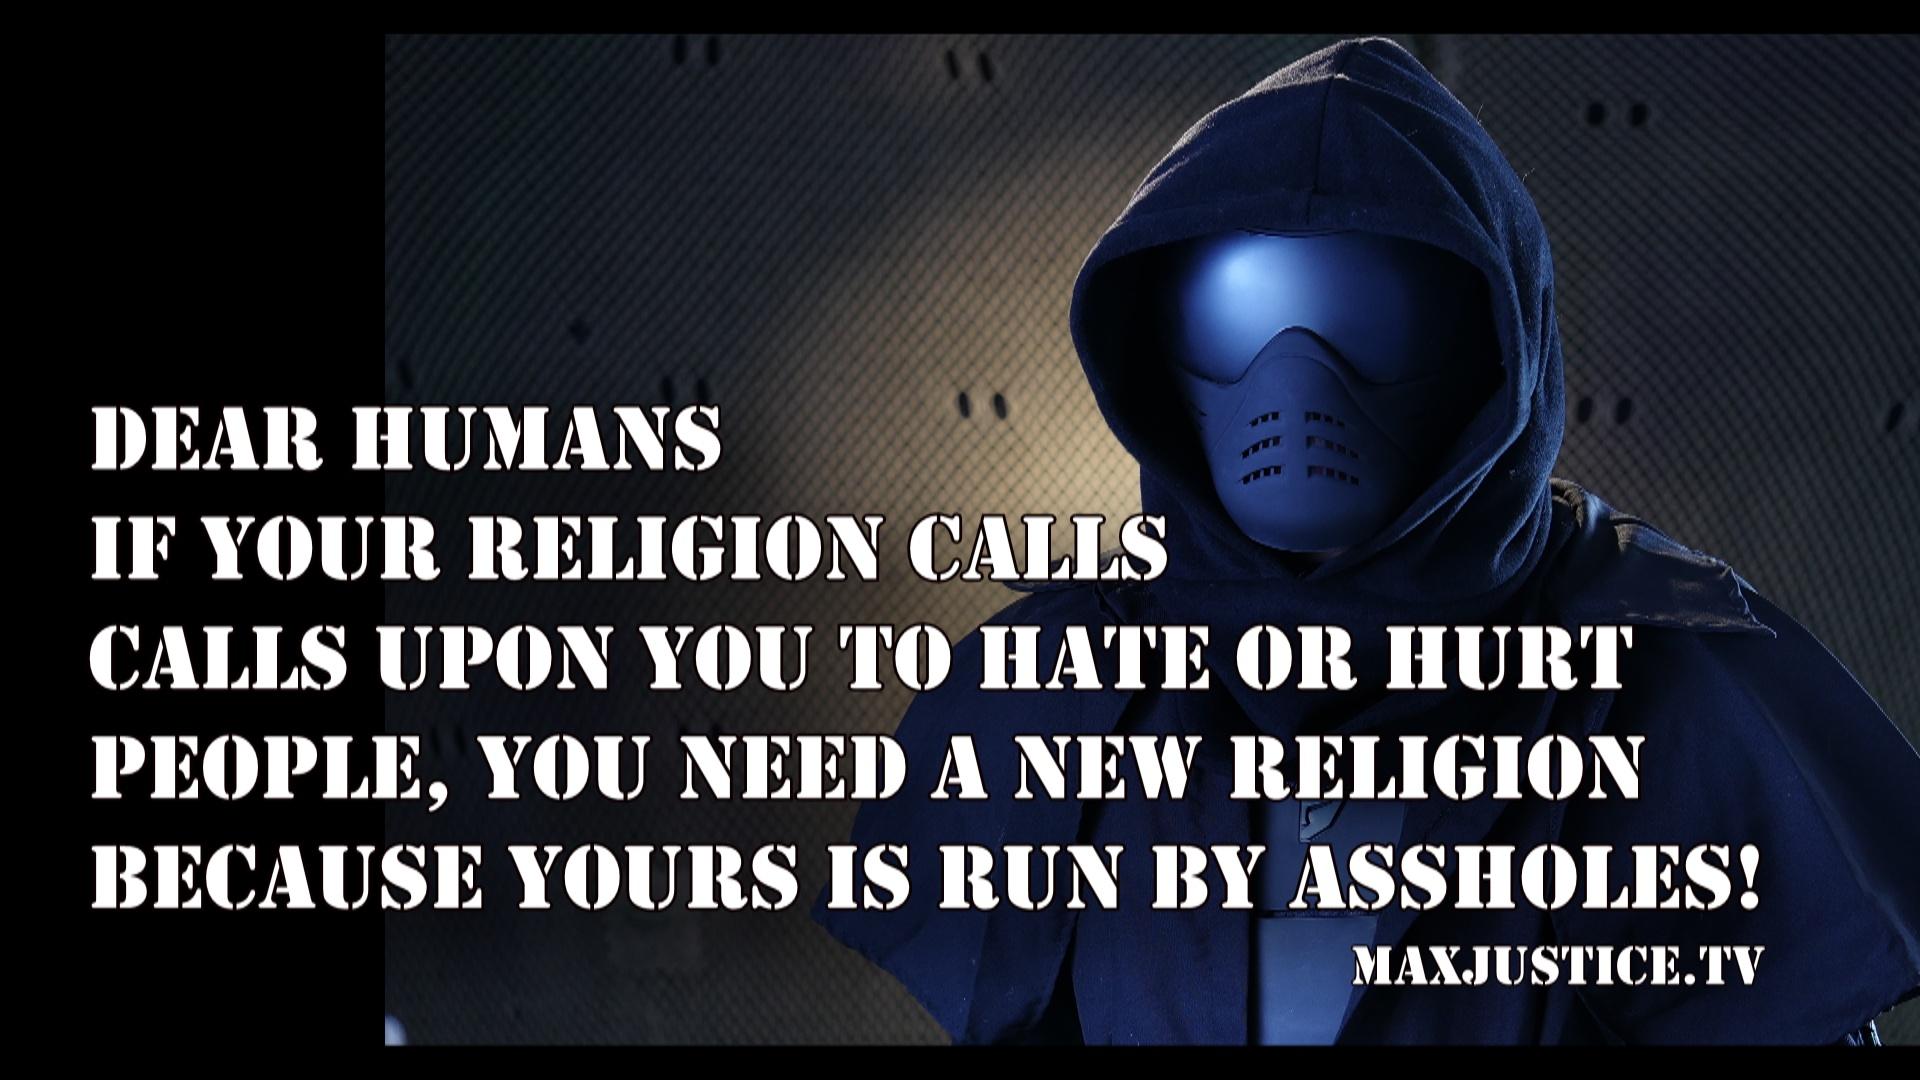 Religious hate